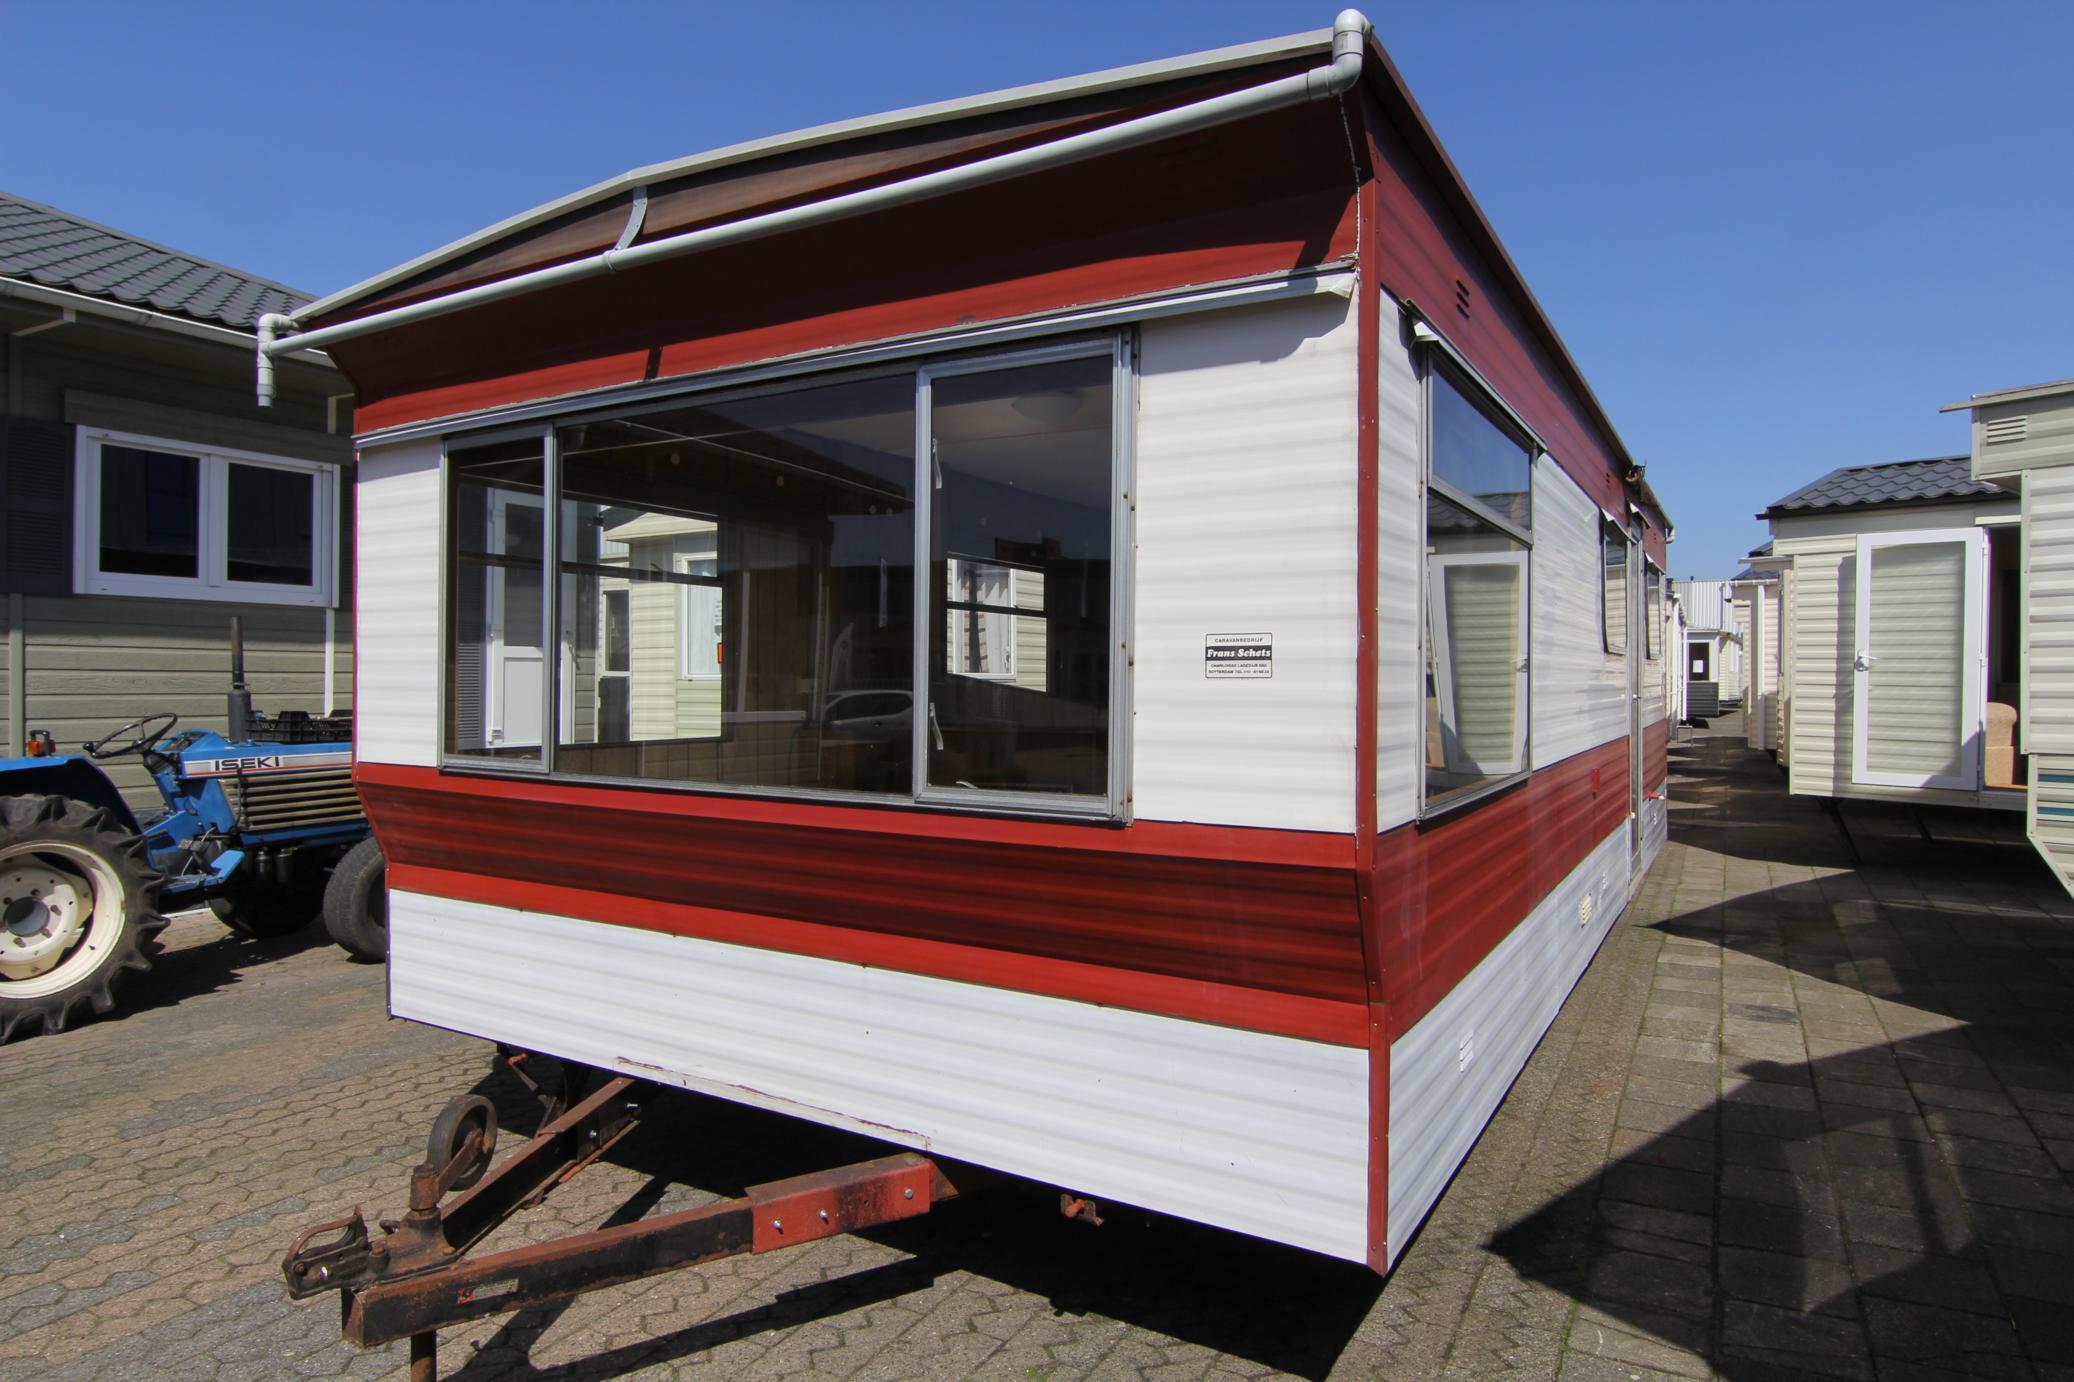 mobilheim gebraucht kaufen rees campingplatz in heimbach. Black Bedroom Furniture Sets. Home Design Ideas